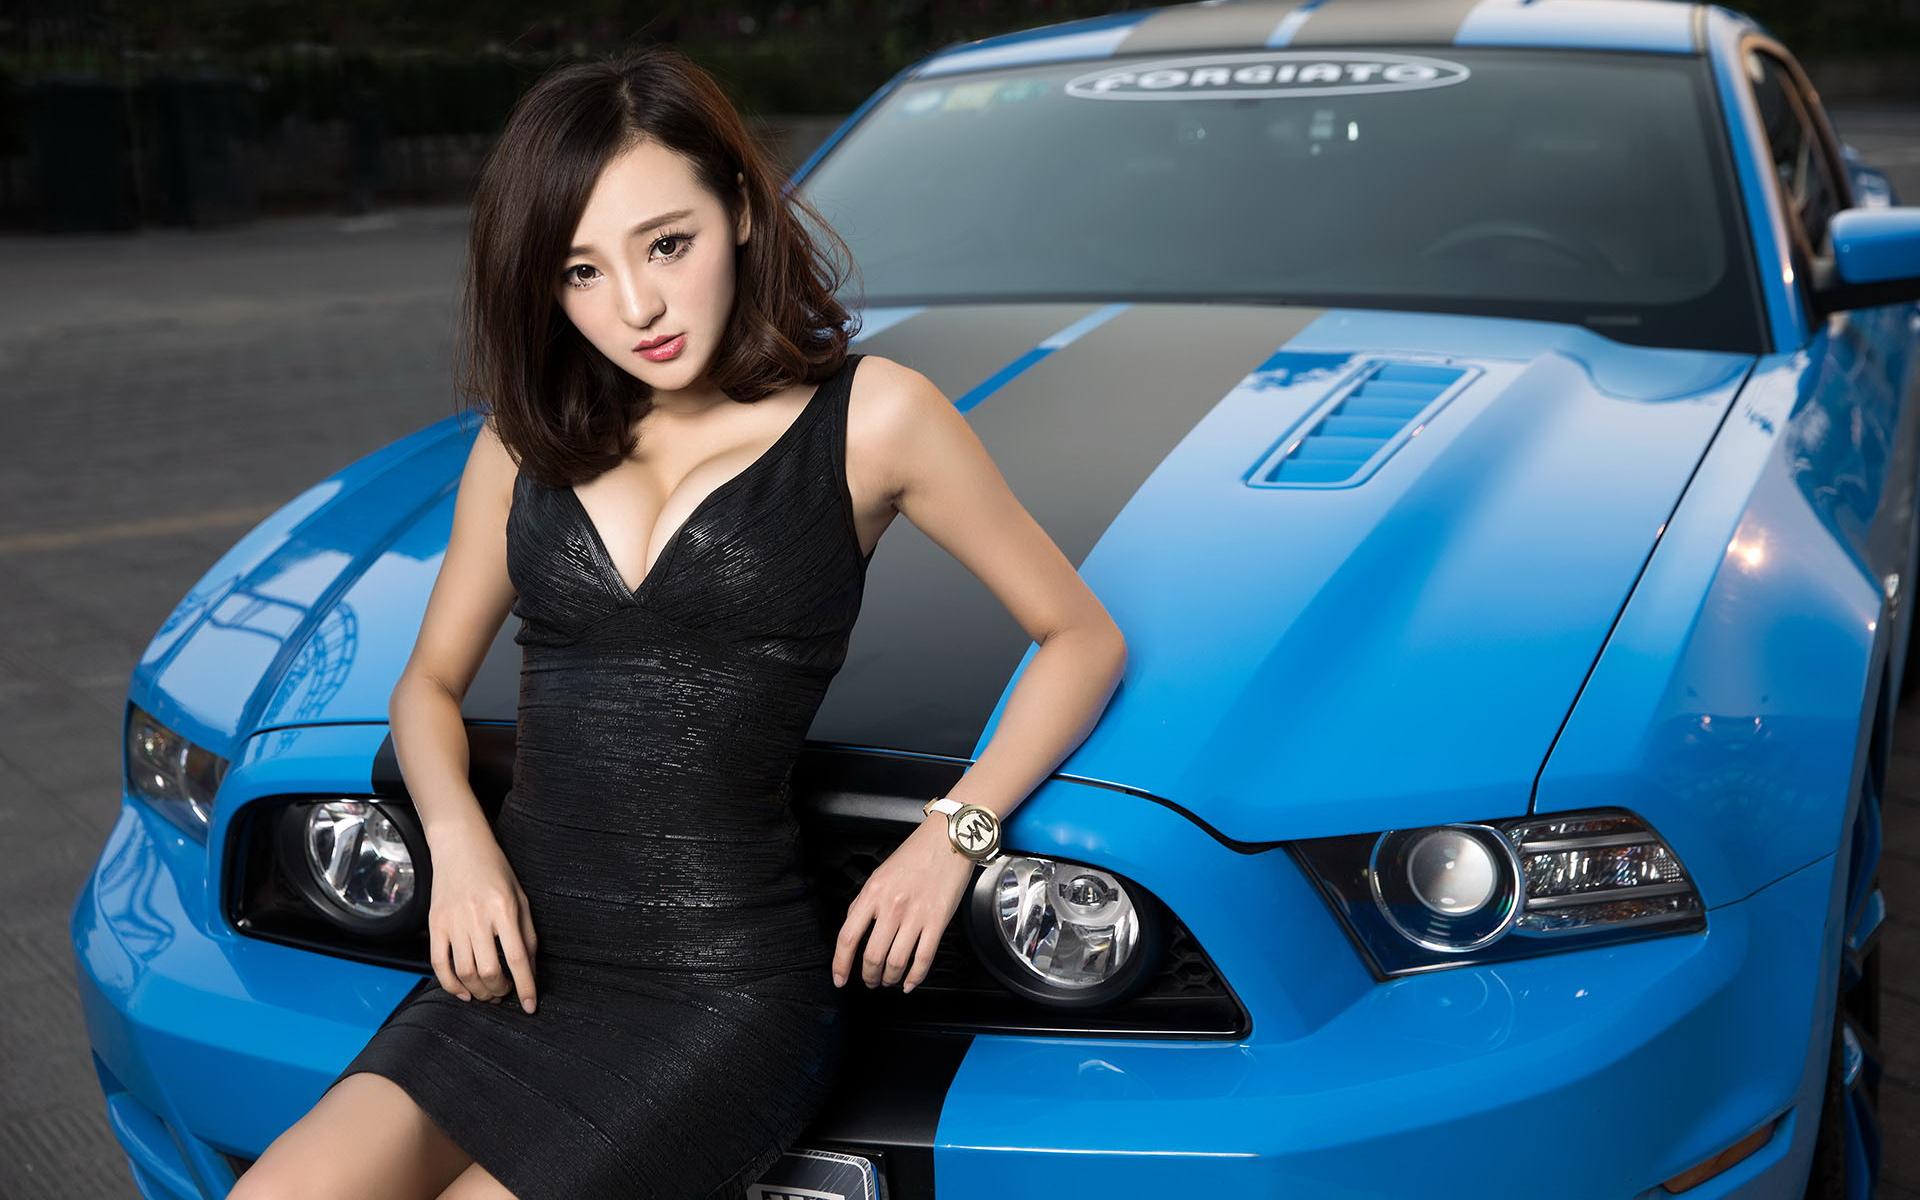 汽车隐形车衣透明保护膜的价格,为甚么这么高?